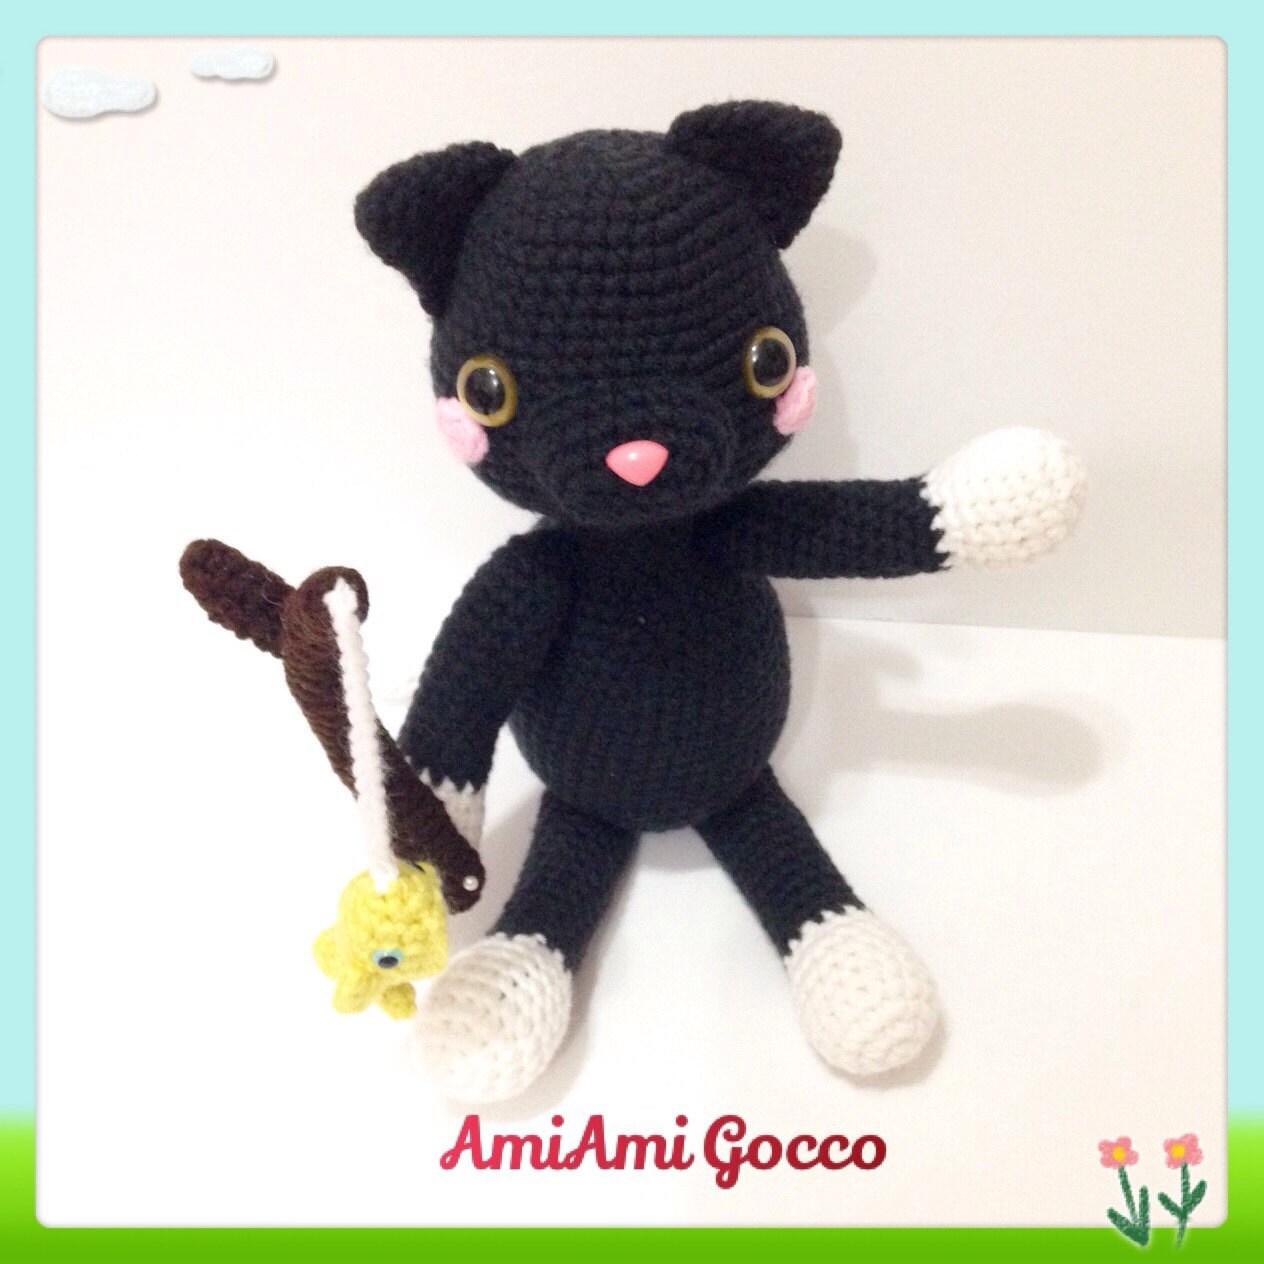 Amigurumi Cat Toys : Amigurumi Cat Toy Amigurumi Black Cat Crochet Toy by ...